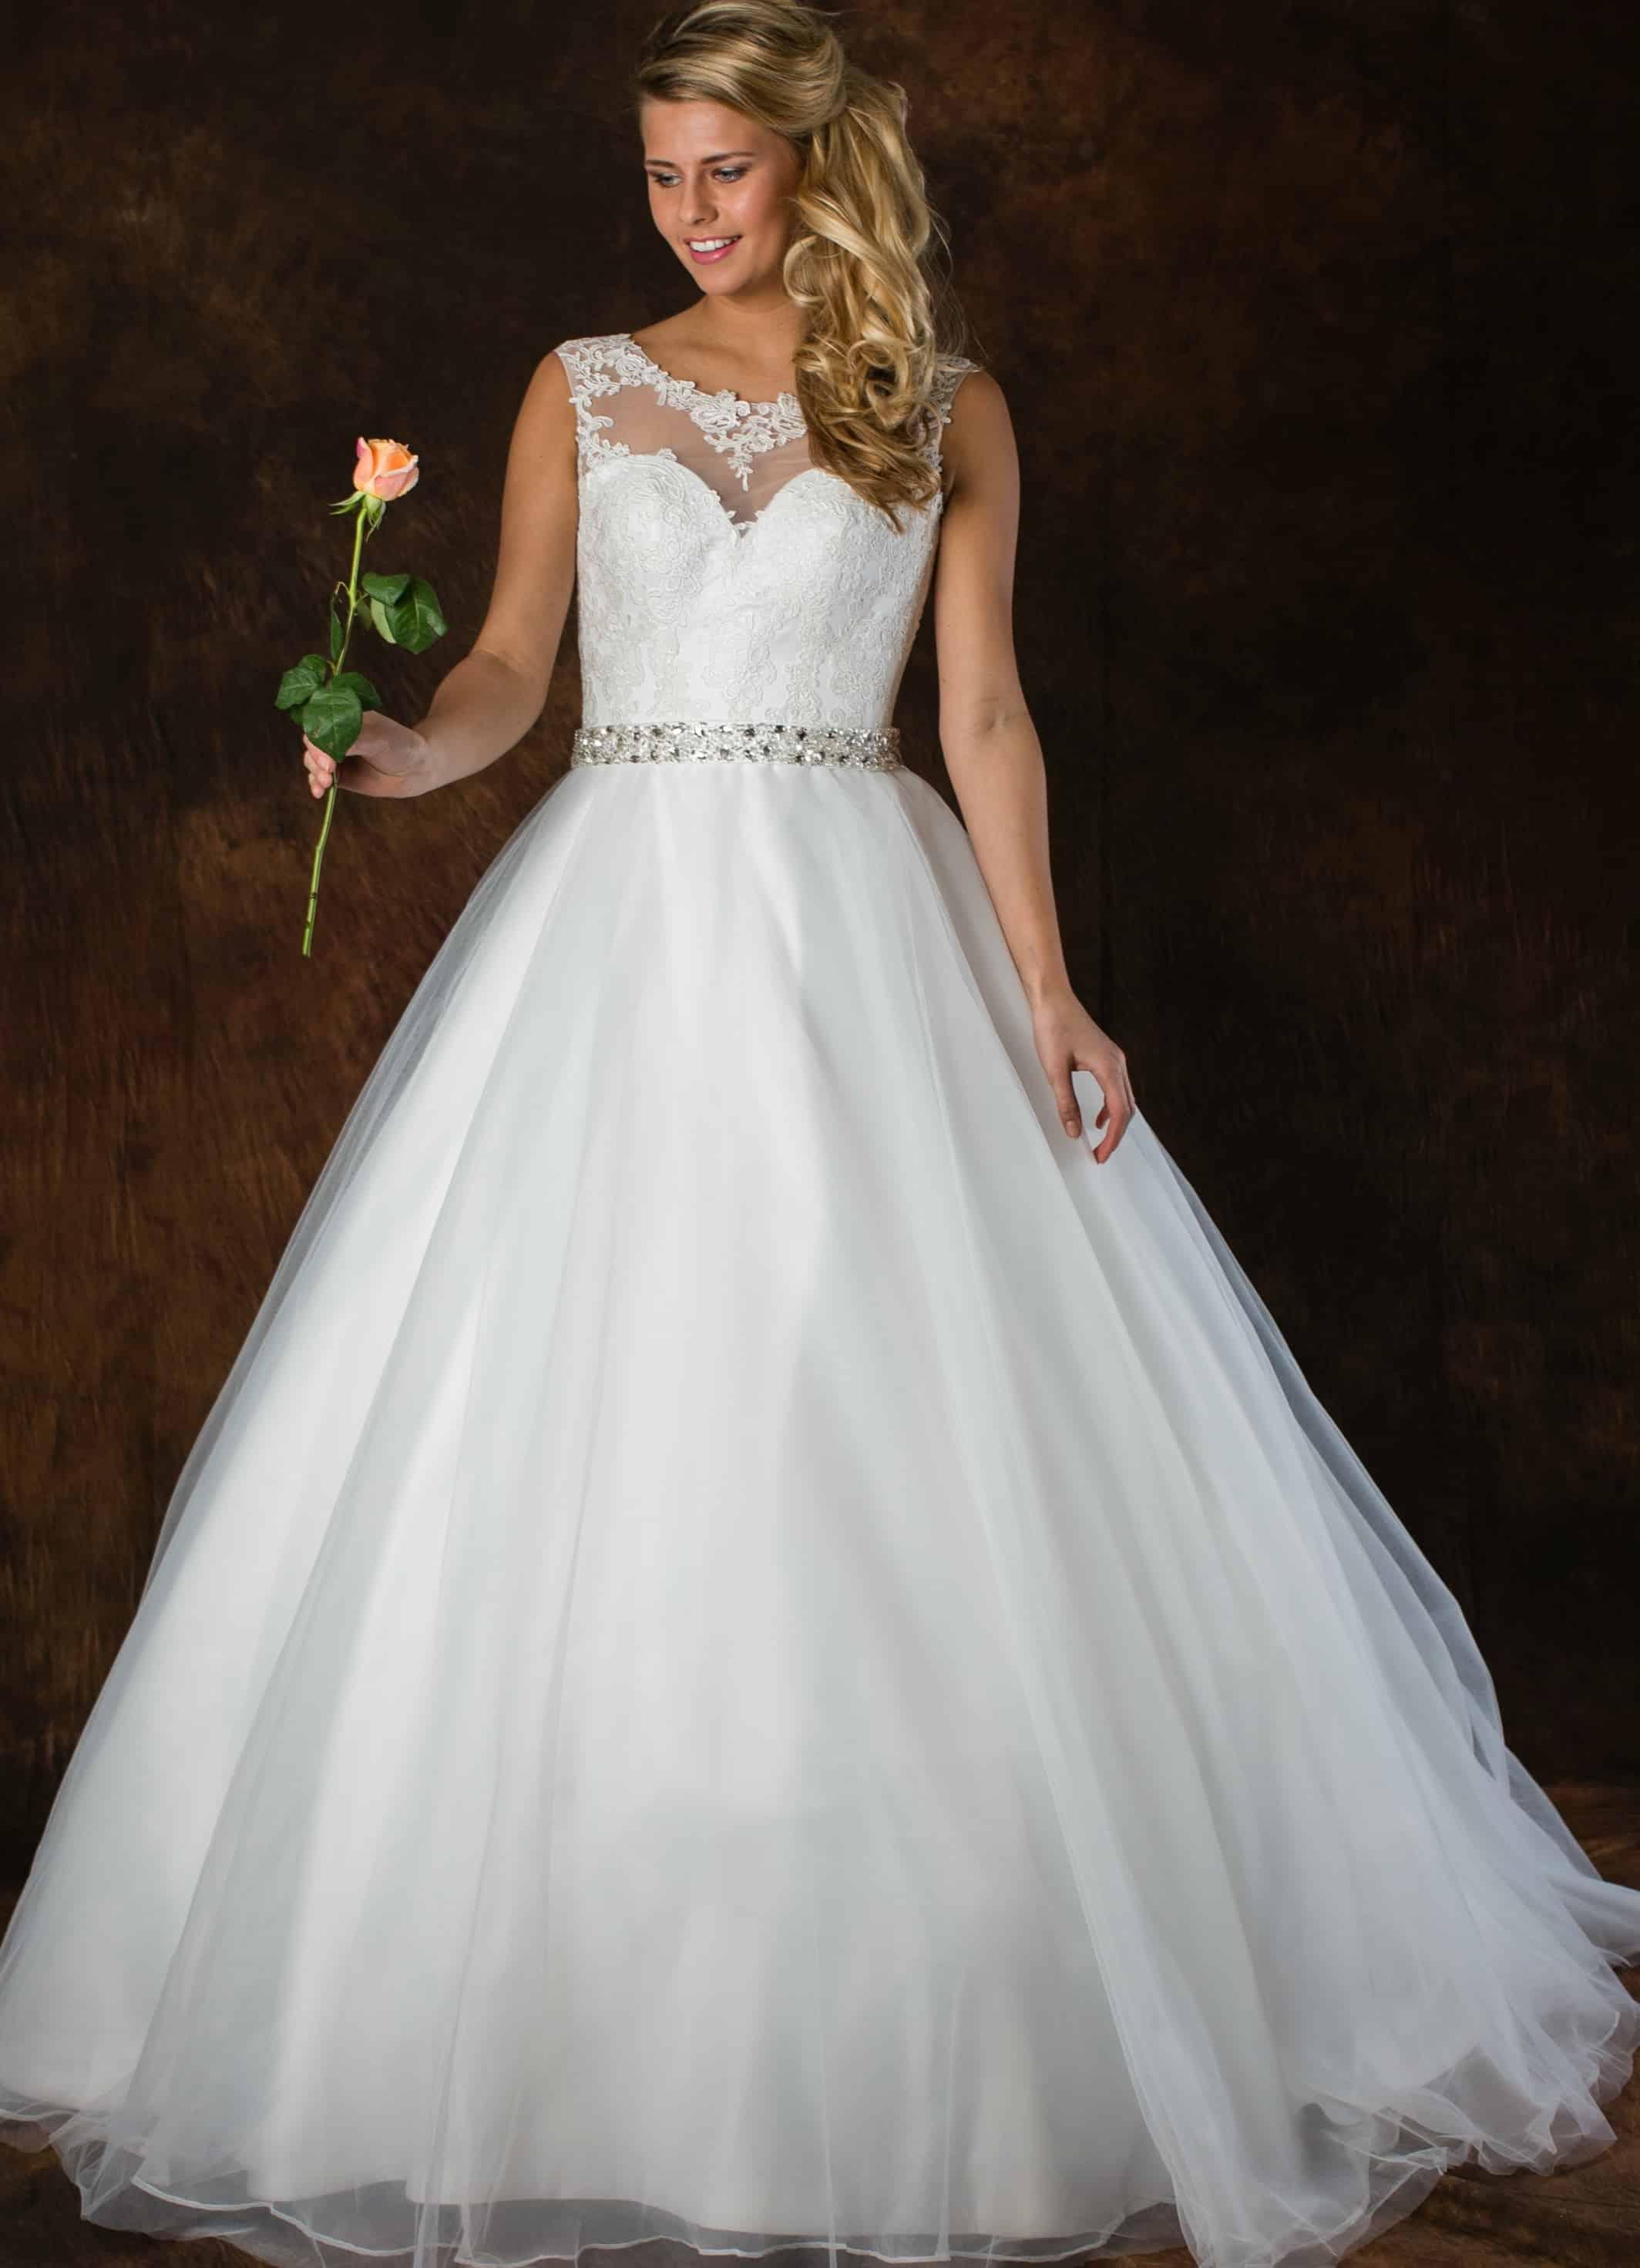 Romantische trouwjurk ALLF21